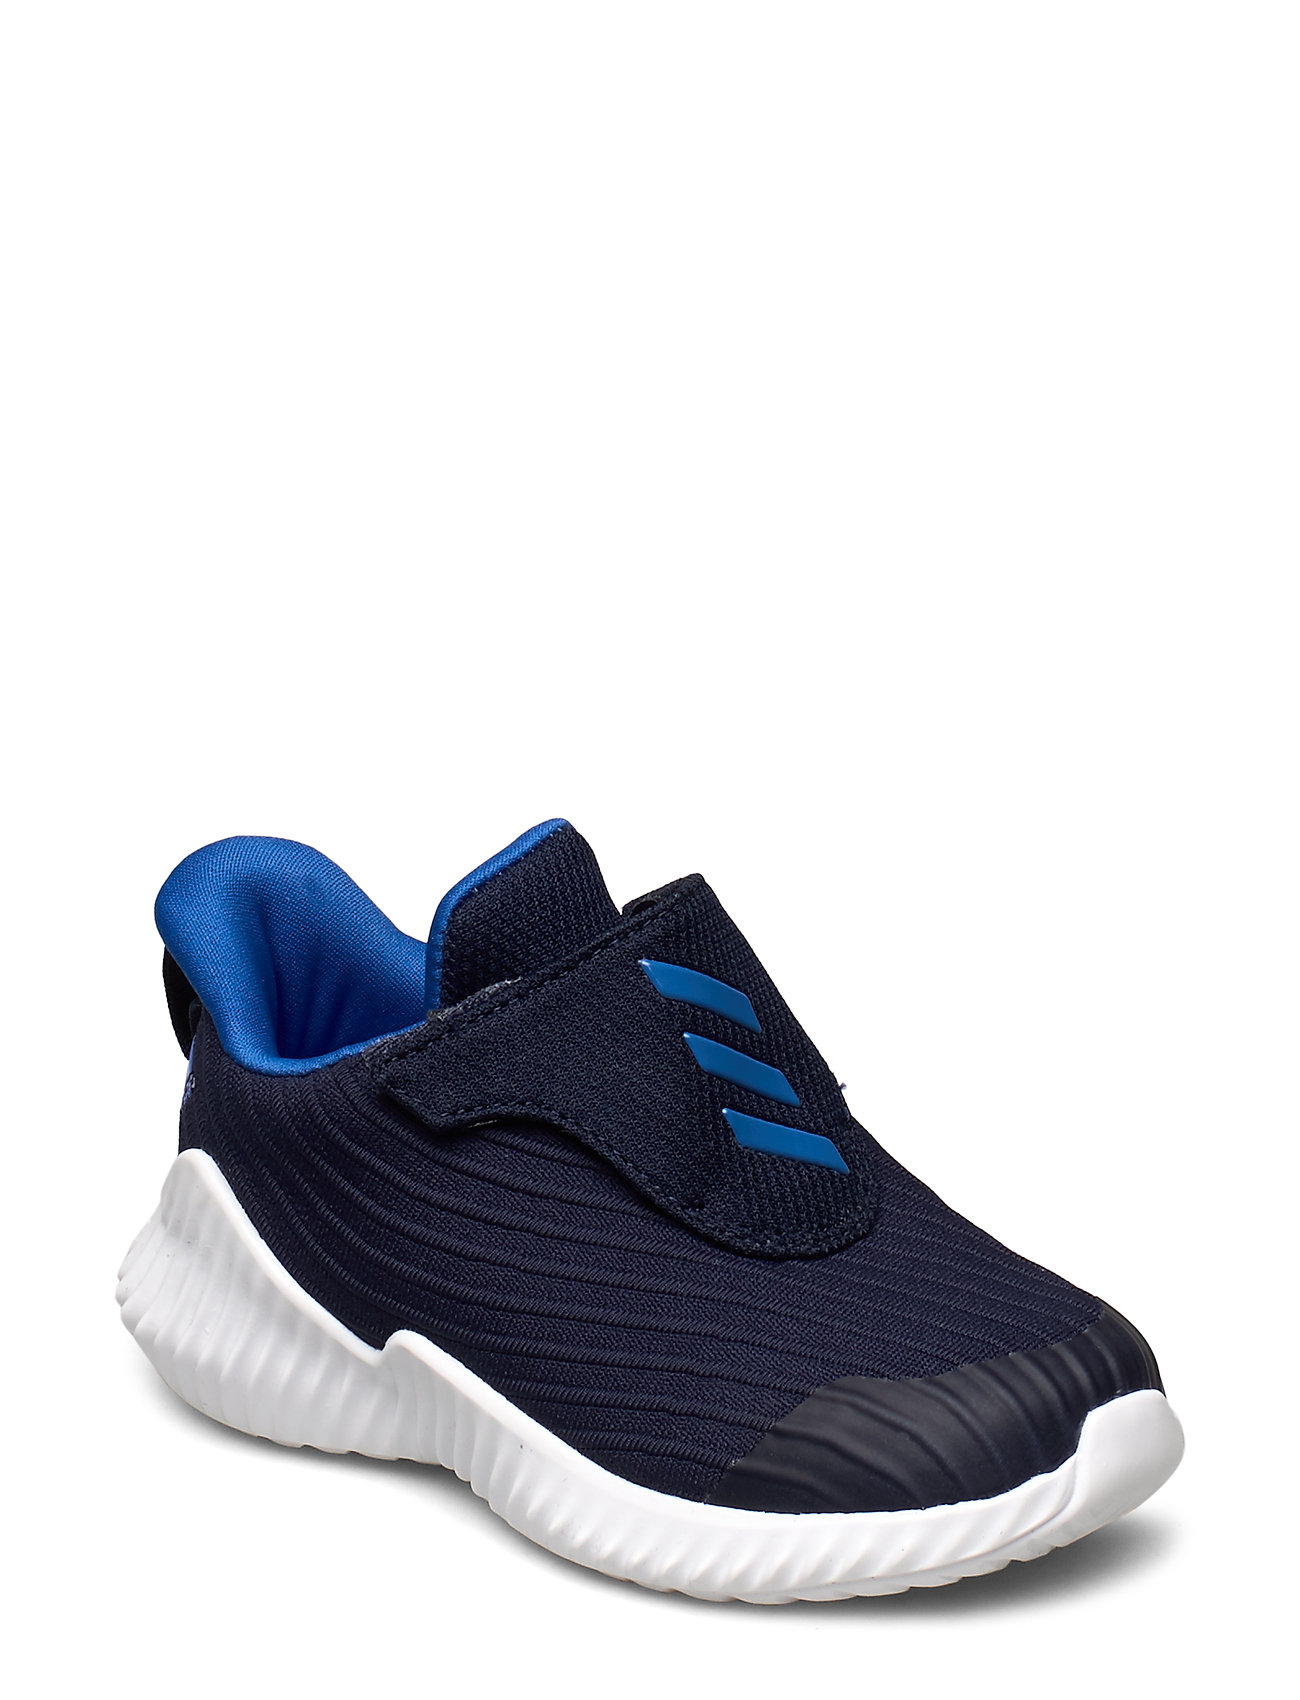 adidas Performance FortaRun AC I - CONAVY/BLUE/FTWWHT